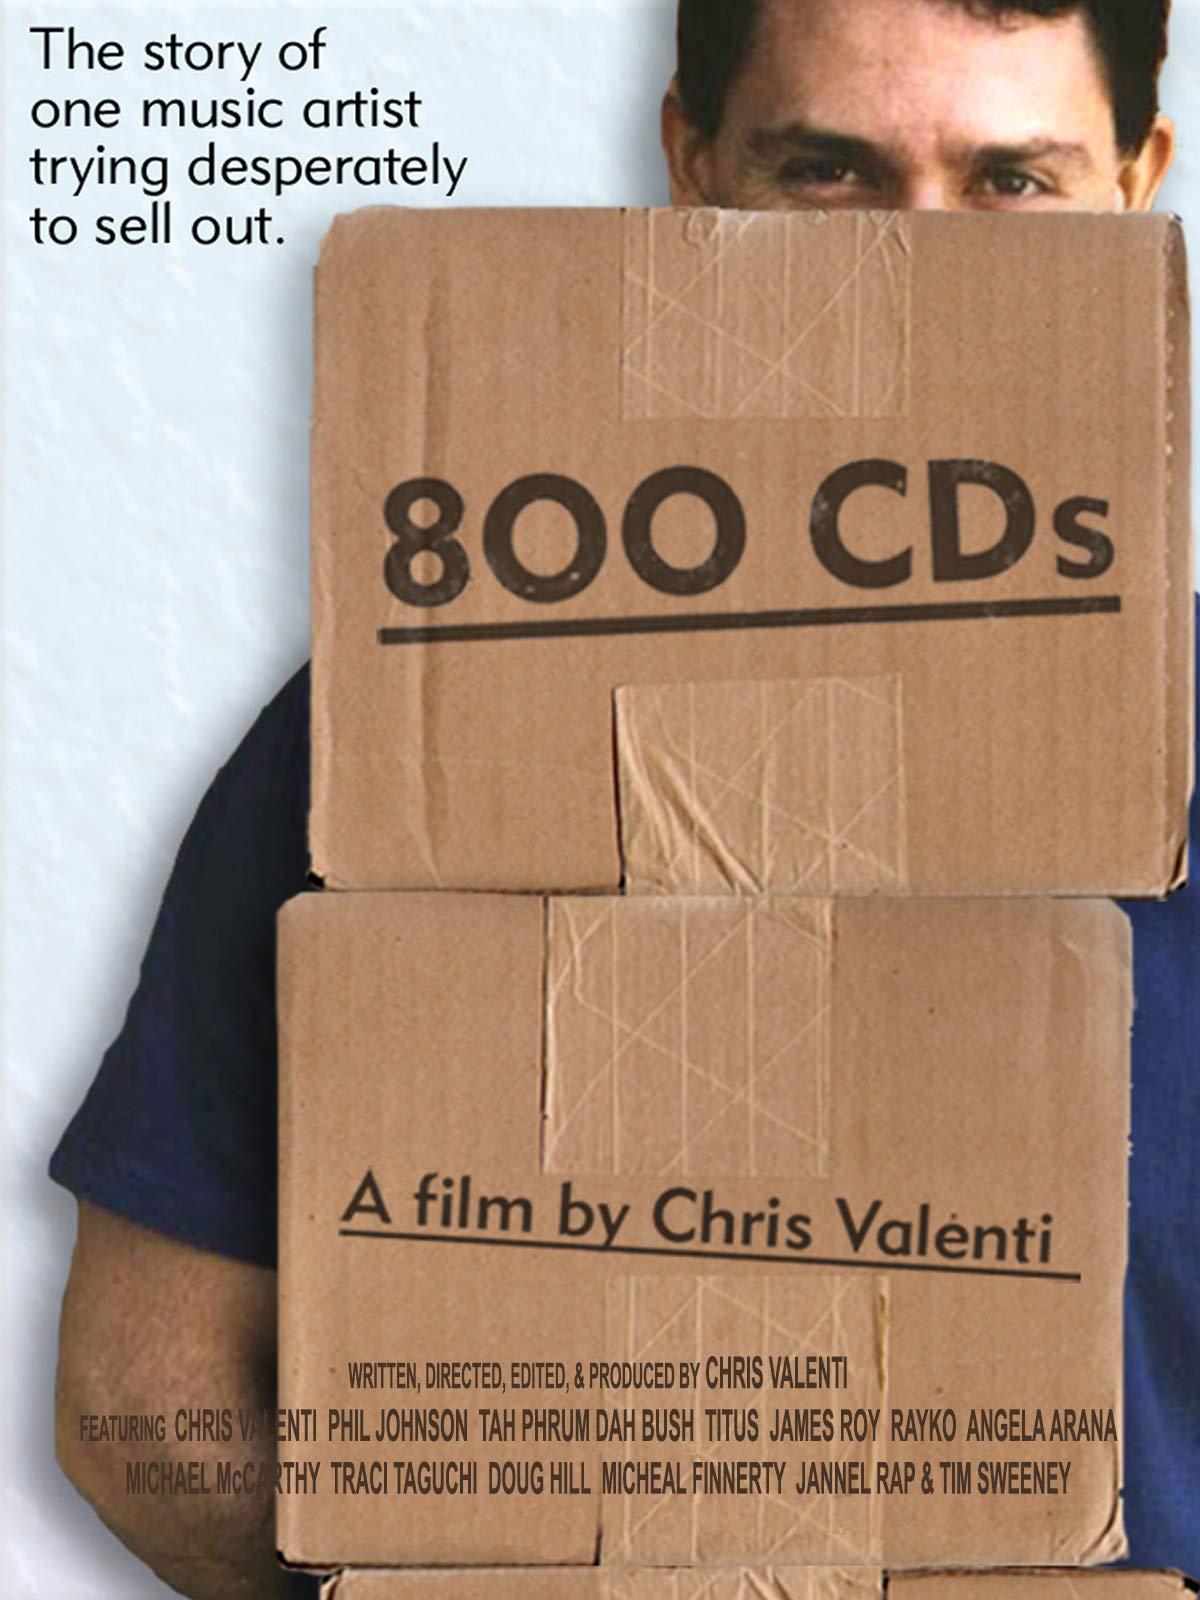 800 CDs